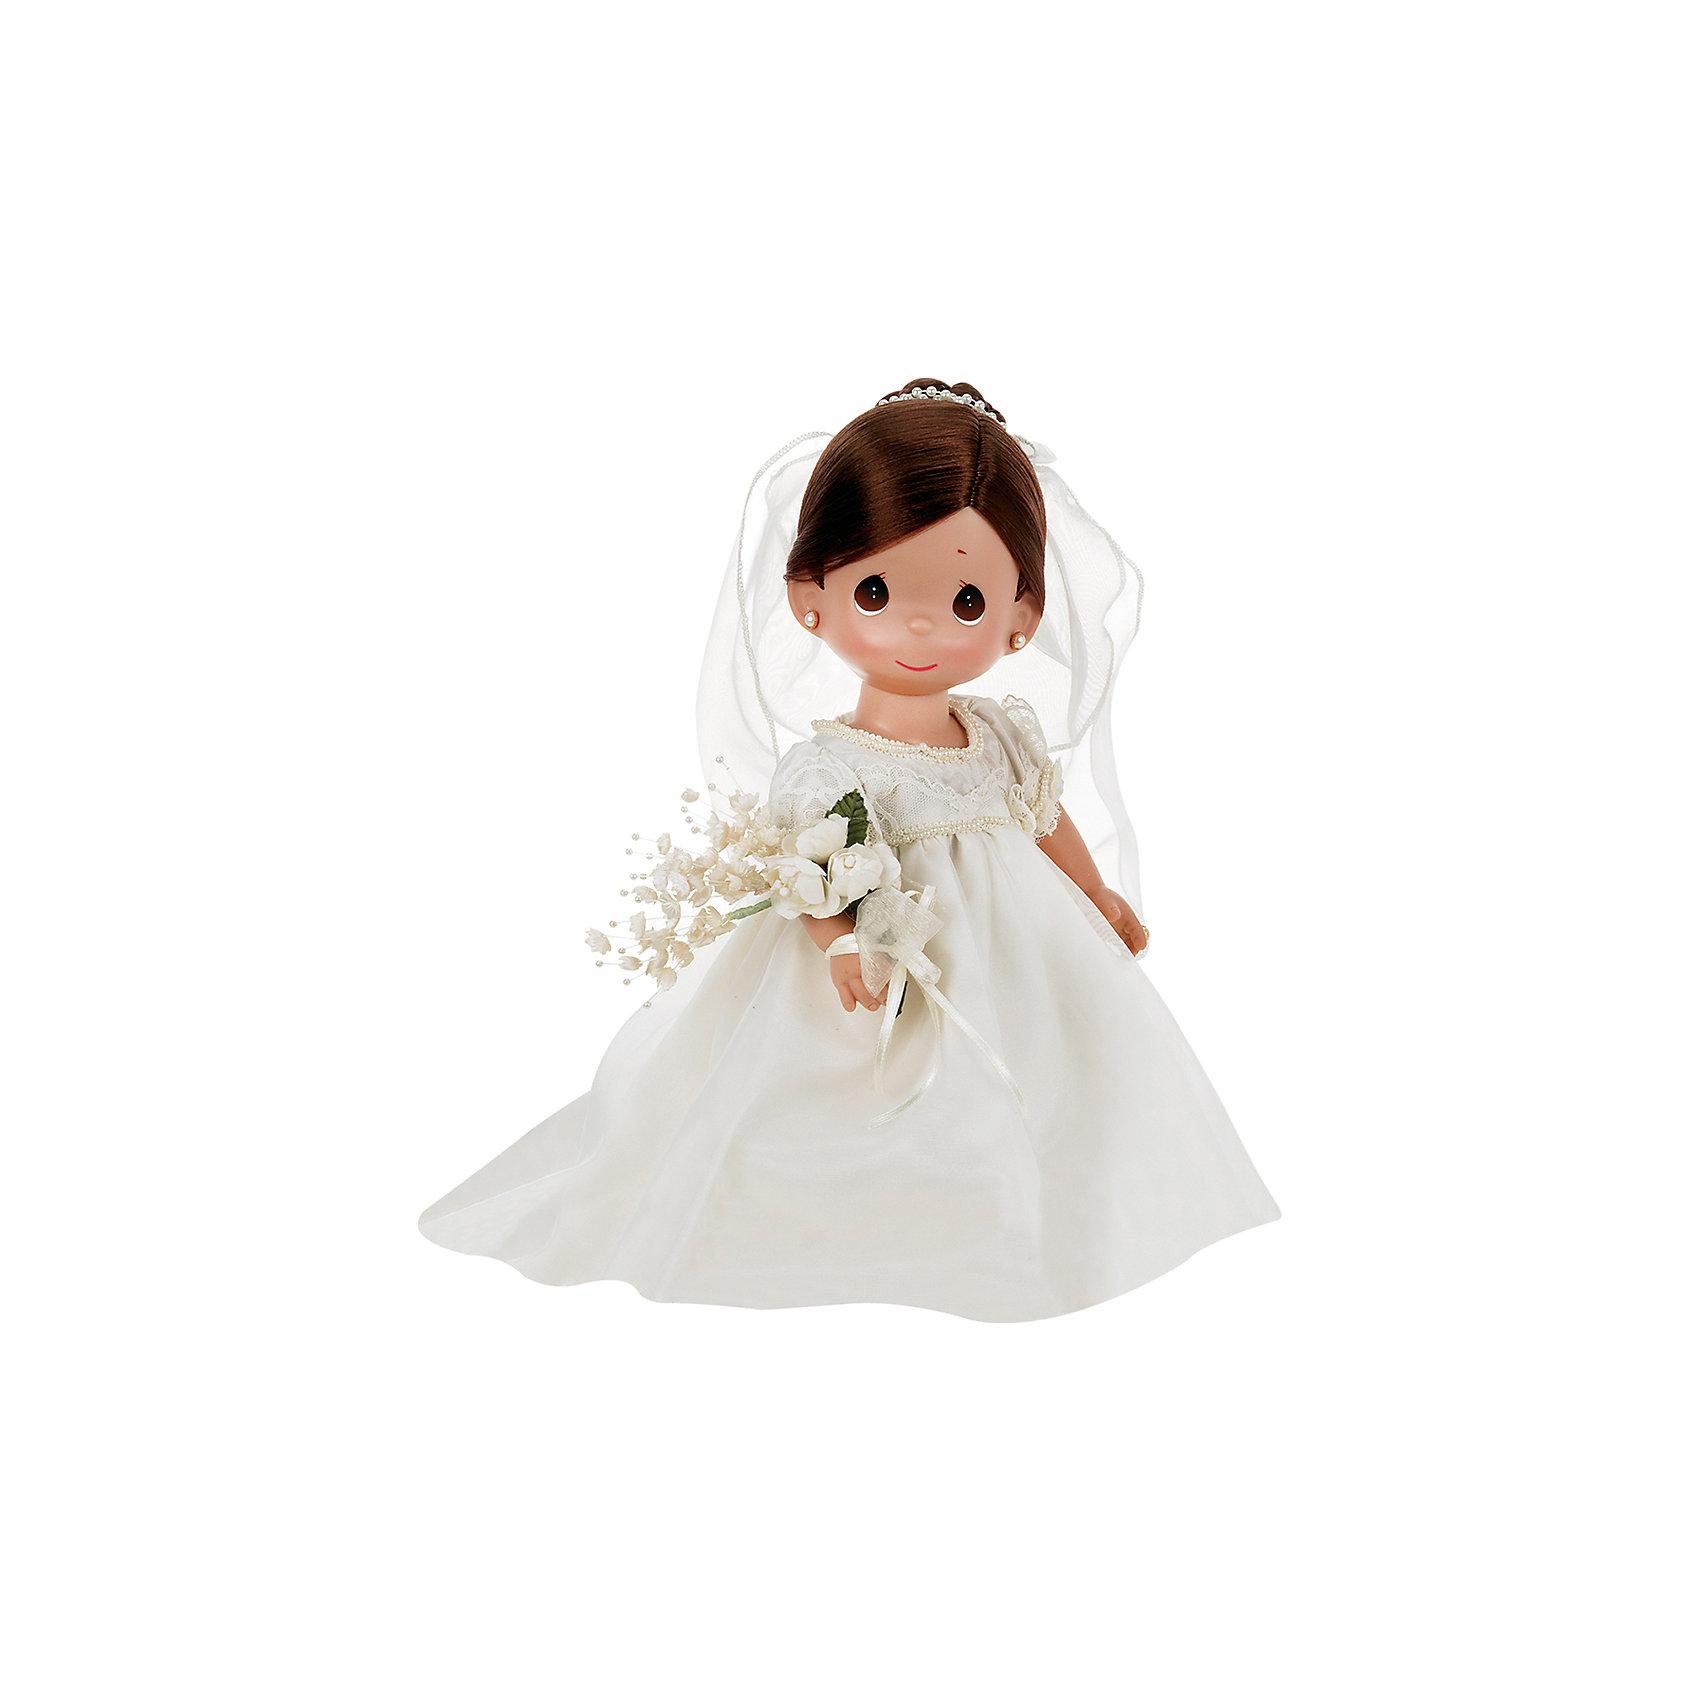 Кукла Зачарованные сны. Невеста, брюнетка, 30 см, Precious MomentsБренды кукол<br>Характеристики товара:<br><br>• возраст: от 5 лет;<br>• материал: винил, текстиль;<br>• высота куклы: 30 см;<br>• размер упаковки: 35х20х10 см;<br>• вес упаковки: 400 гр.;<br>• страна производитель: Филиппины.<br><br>Кукла «Зачарованные сны. Невеста» Precious Moments — коллекционная кукла с выразительными карими глазками и каштановыми волосами. Куколка одета в белоснежное свадебное платье. На голове у нее фата, а в руках букет невесты. У куклы имеются подвижные детали. Она выполнена из качественного безопасного материала.<br><br>Куклу «Зачарованные сны. Невеста» Precious Moments можно приобрести в нашем интернет-магазине.<br><br>Ширина мм: 140<br>Глубина мм: 300<br>Высота мм: 80<br>Вес г: 428<br>Возраст от месяцев: 36<br>Возраст до месяцев: 2147483647<br>Пол: Женский<br>Возраст: Детский<br>SKU: 5482502